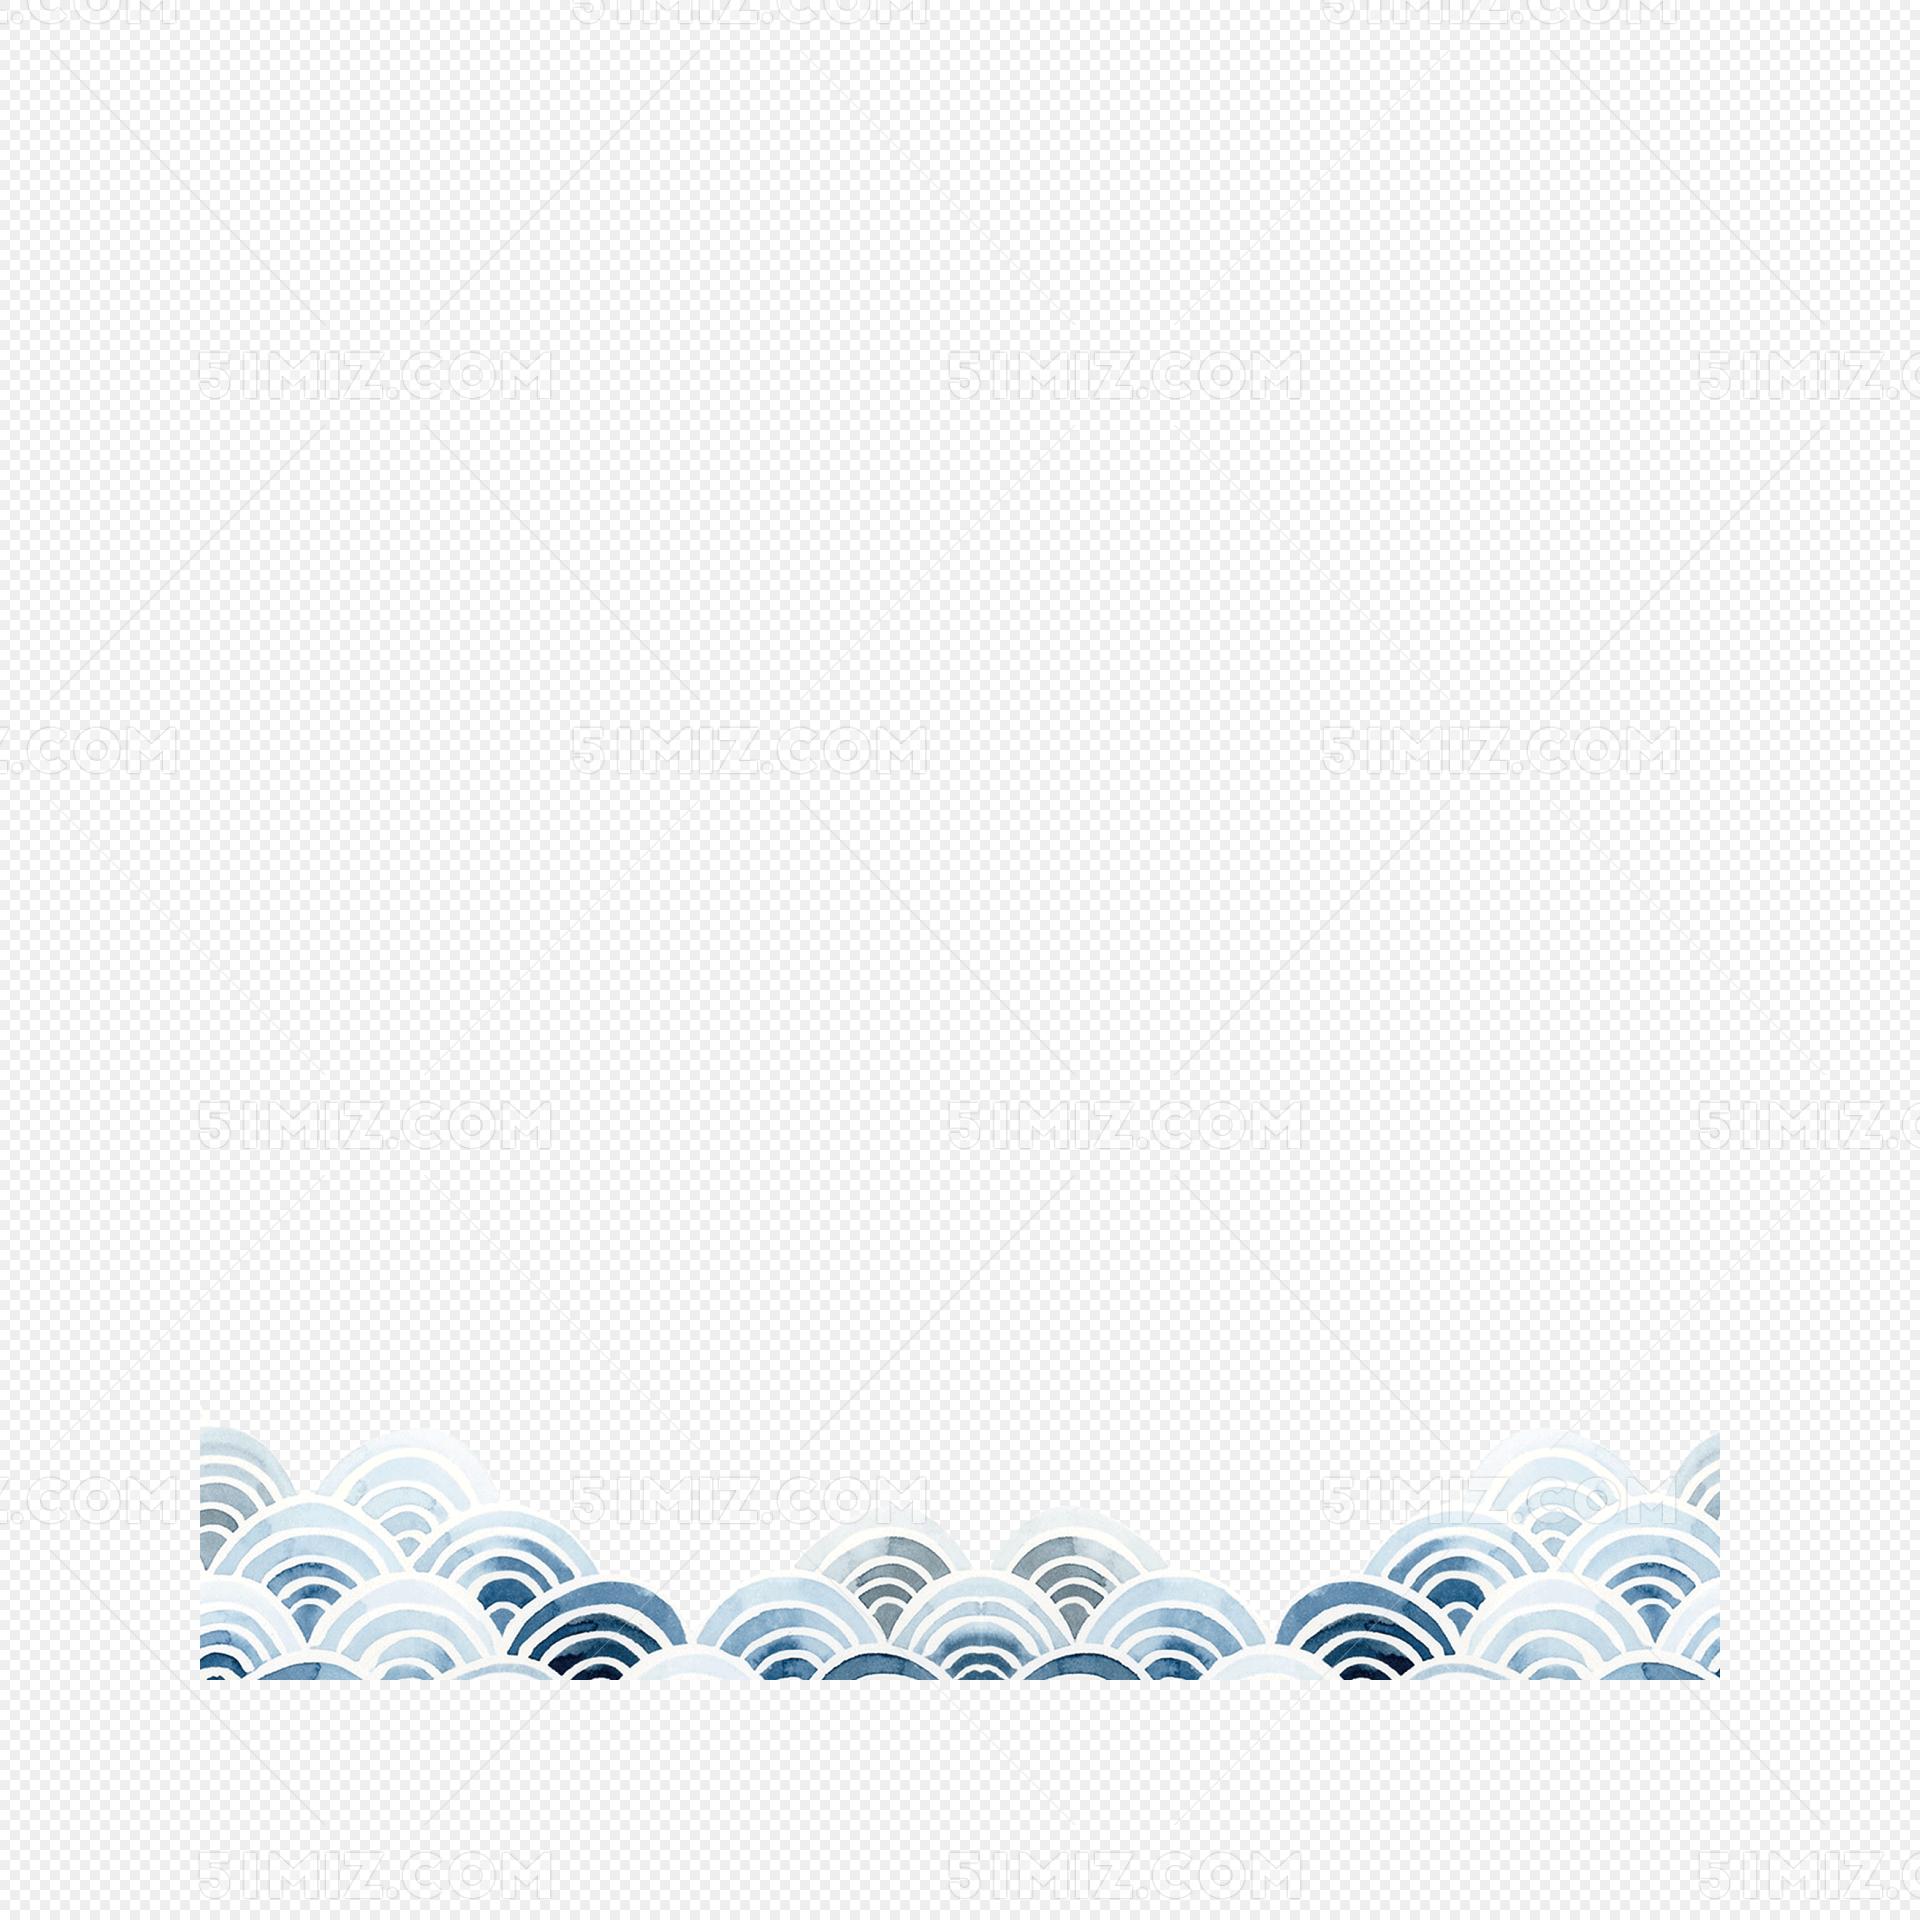 简单手绘中国风海浪素材